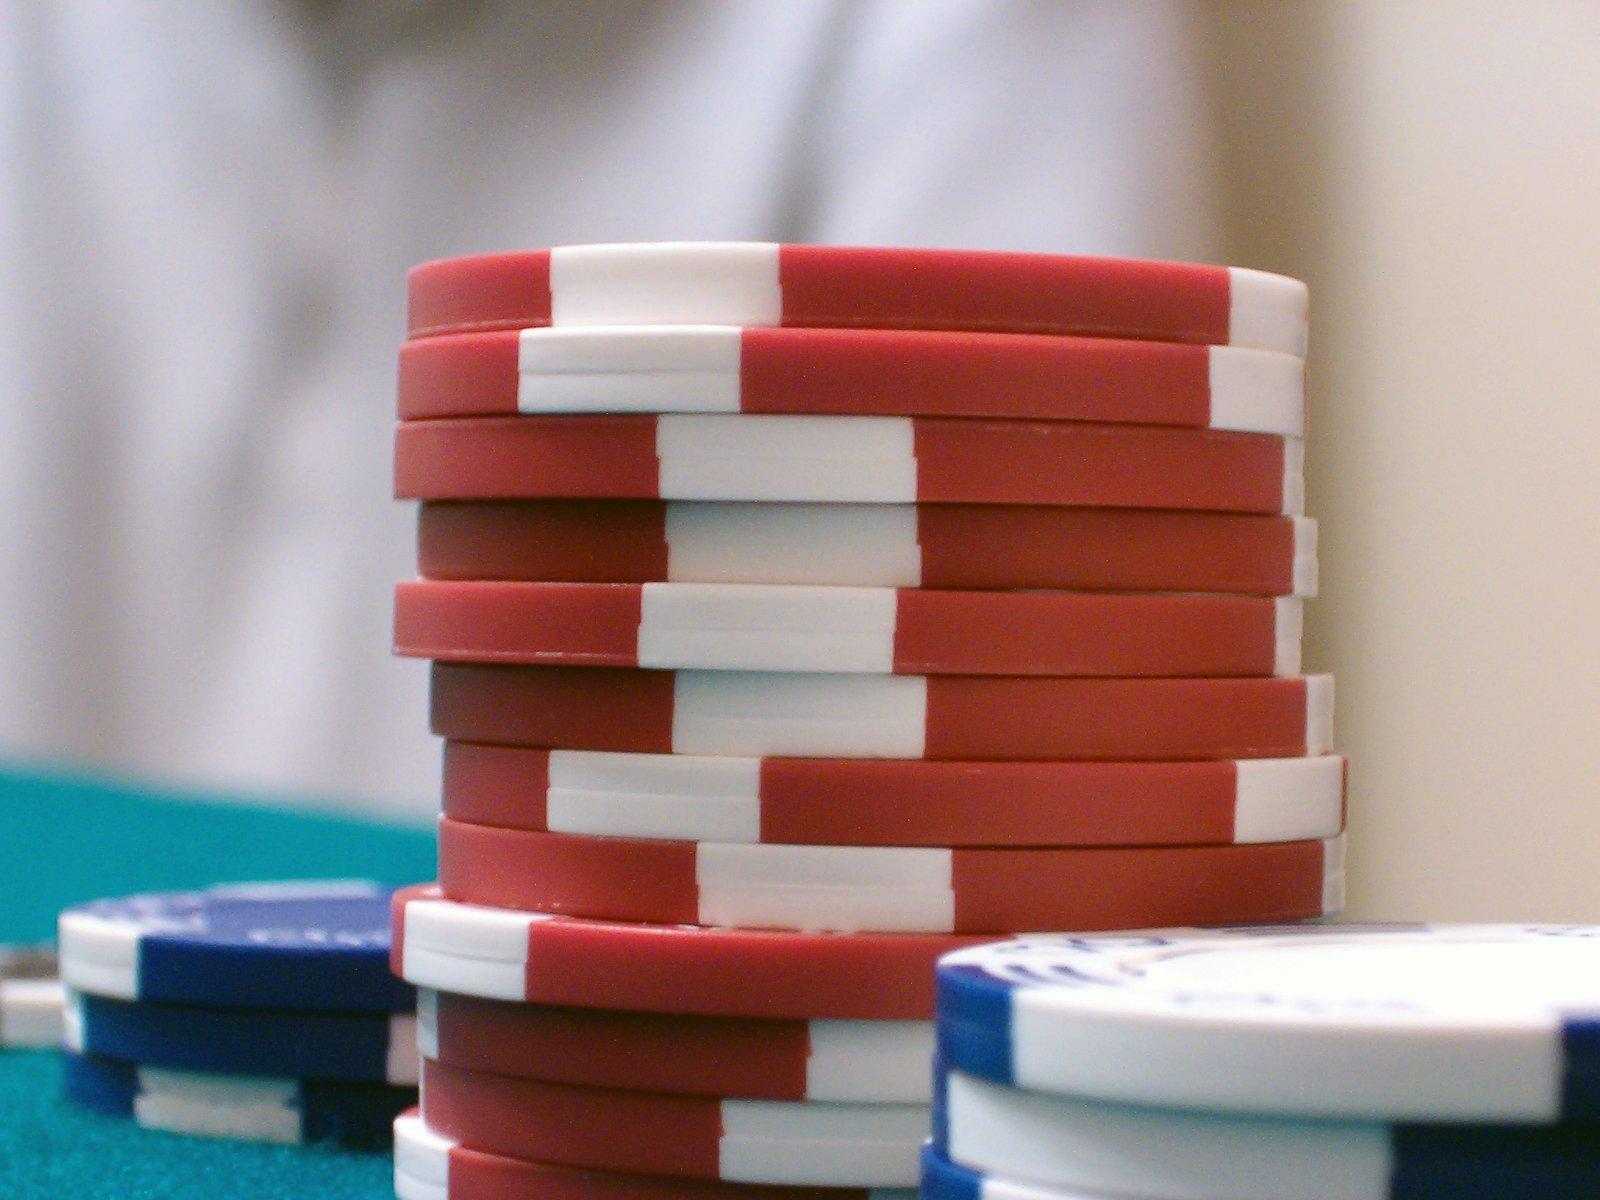 Free Fichas De Poker Stock Photo Freeimagescom